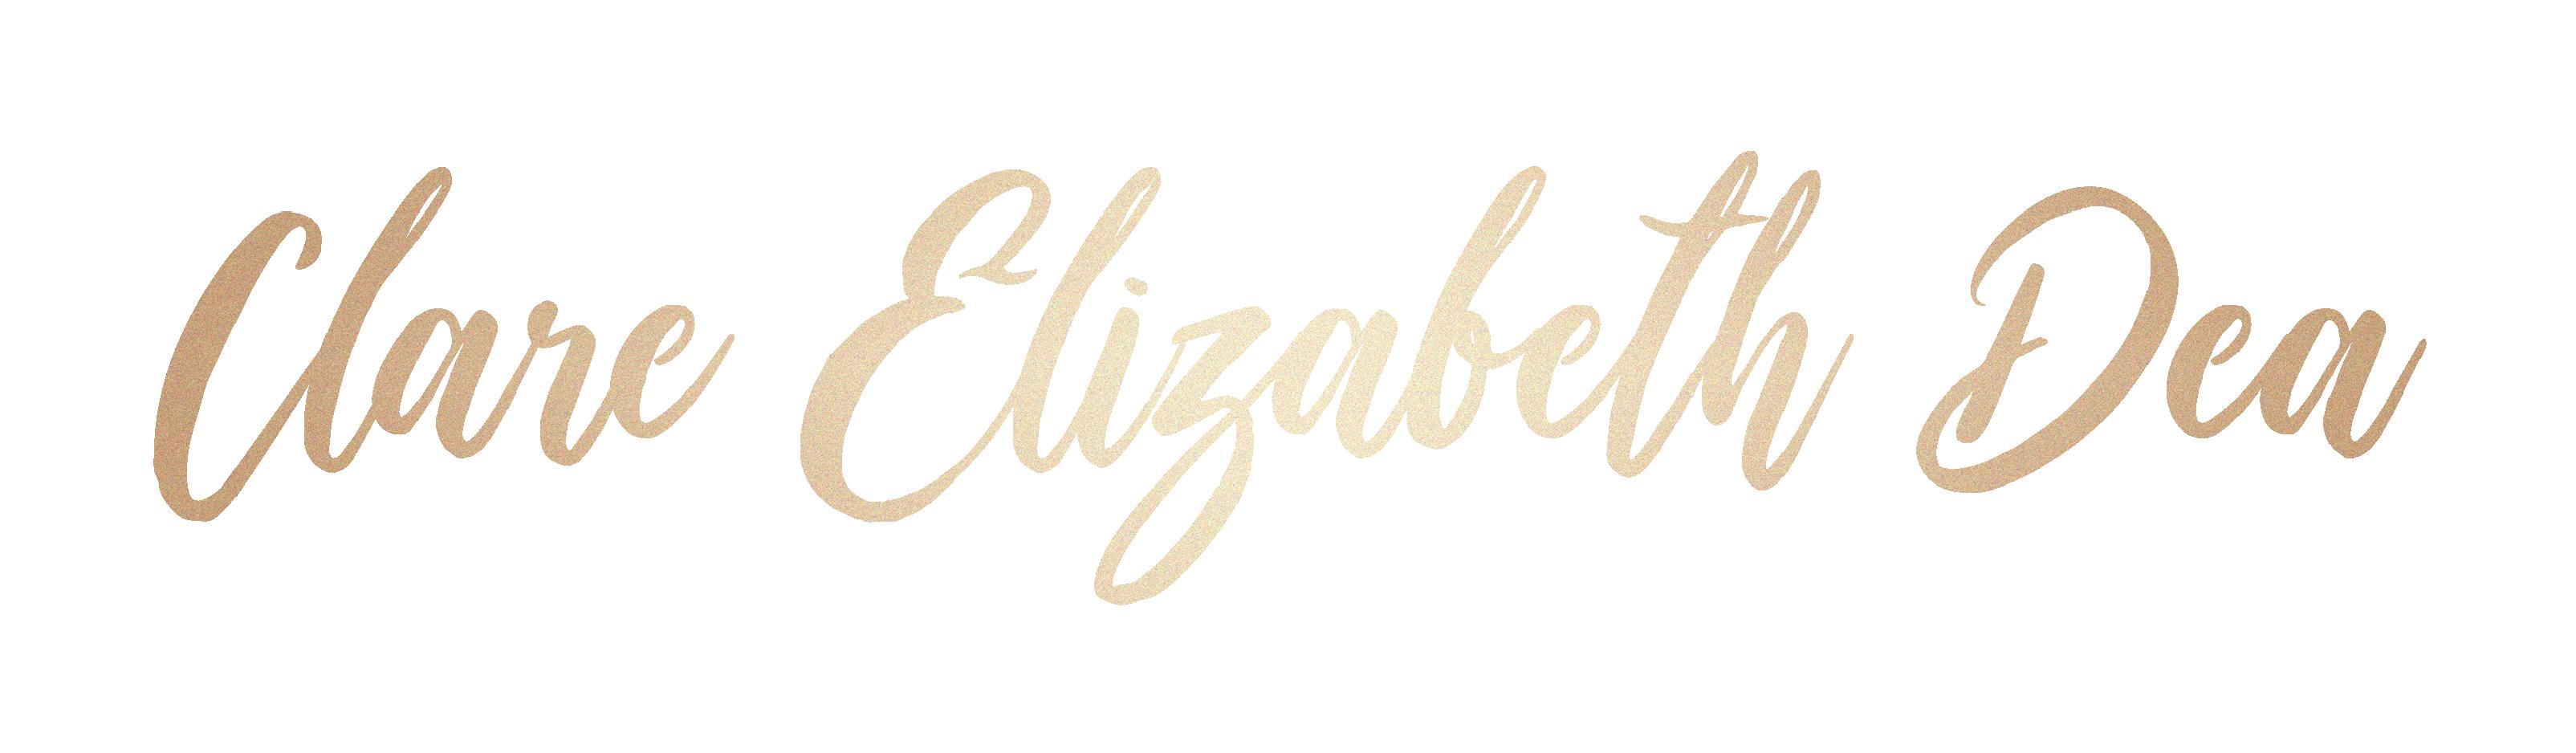 Clare Elizabeth Dea - Online Courses